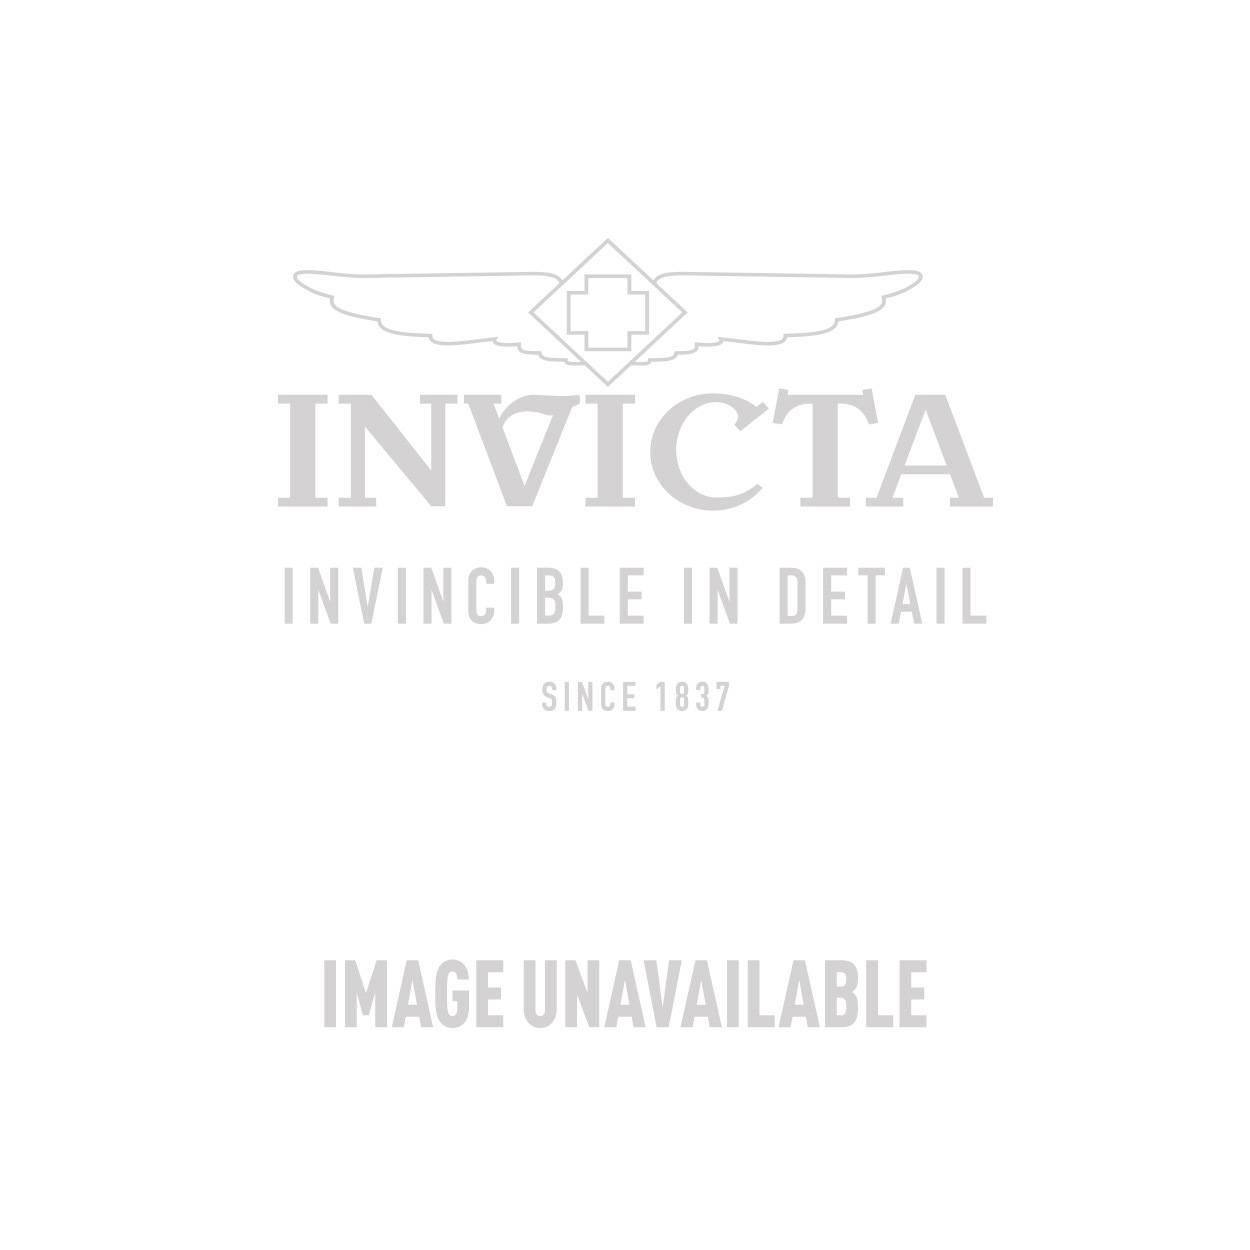 Invicta Model 22696